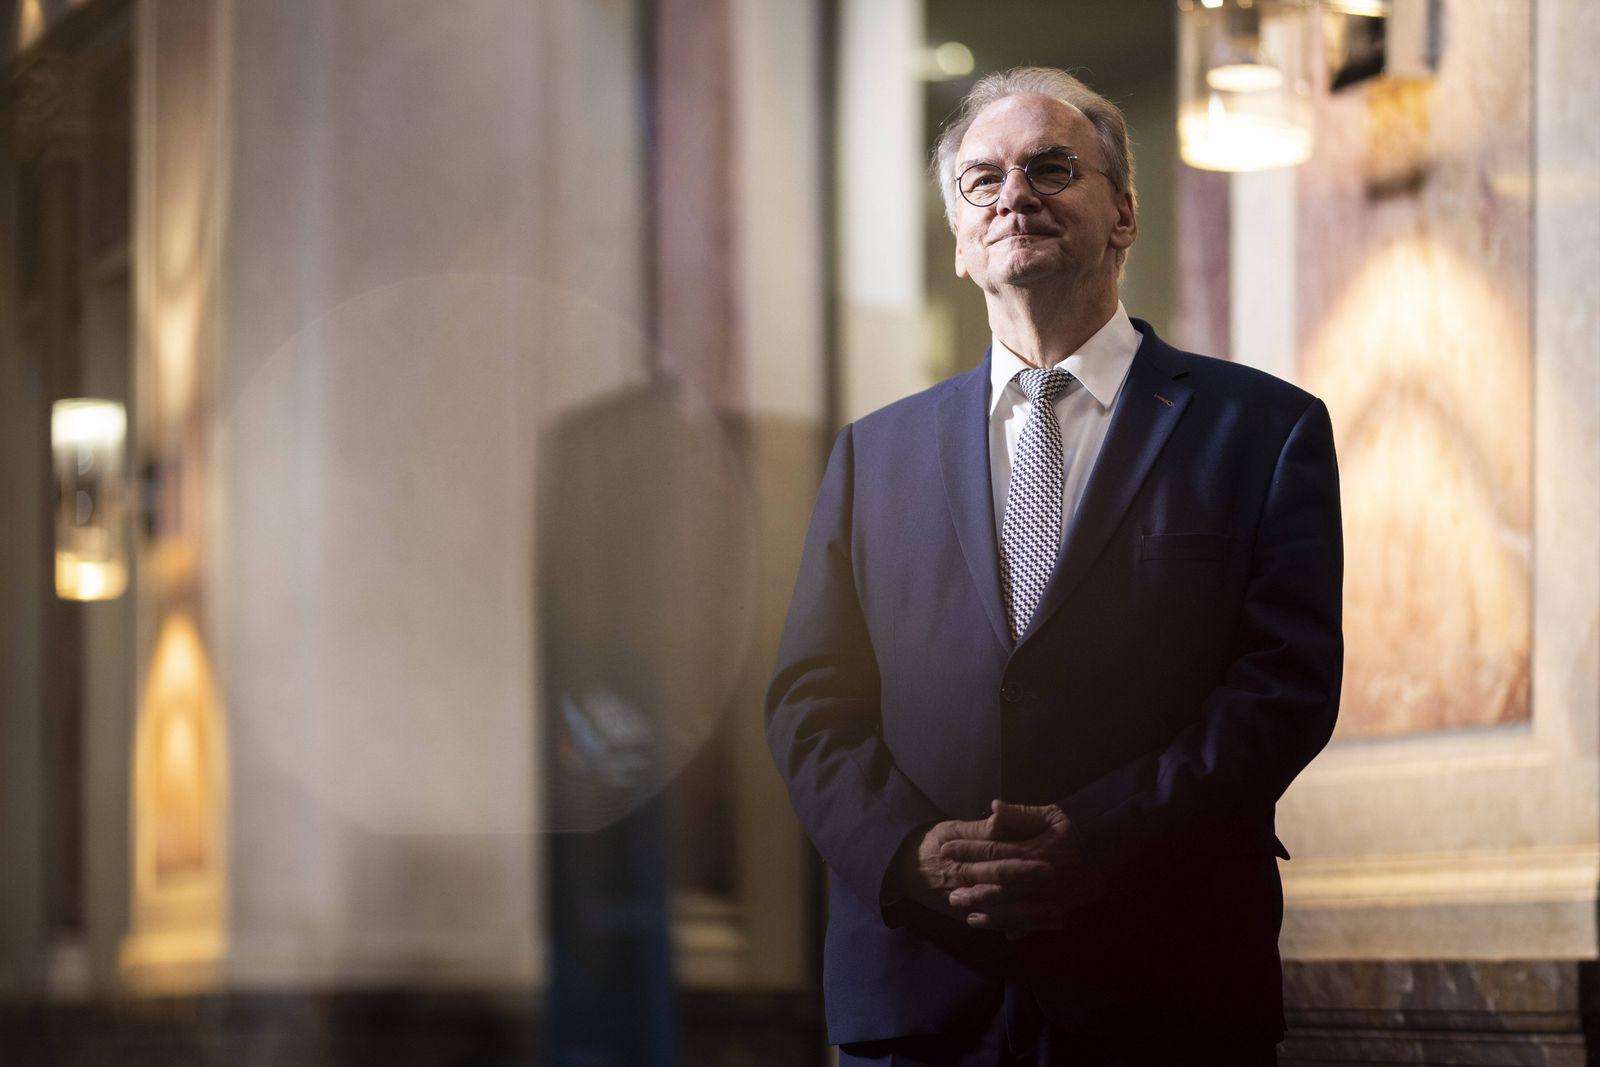 Reiner Haseloff, CDU, Ministerpraesident von Sachsen-Anhalt, aufgenommen am Rande der Sitzung des Bundesrates in Berlin